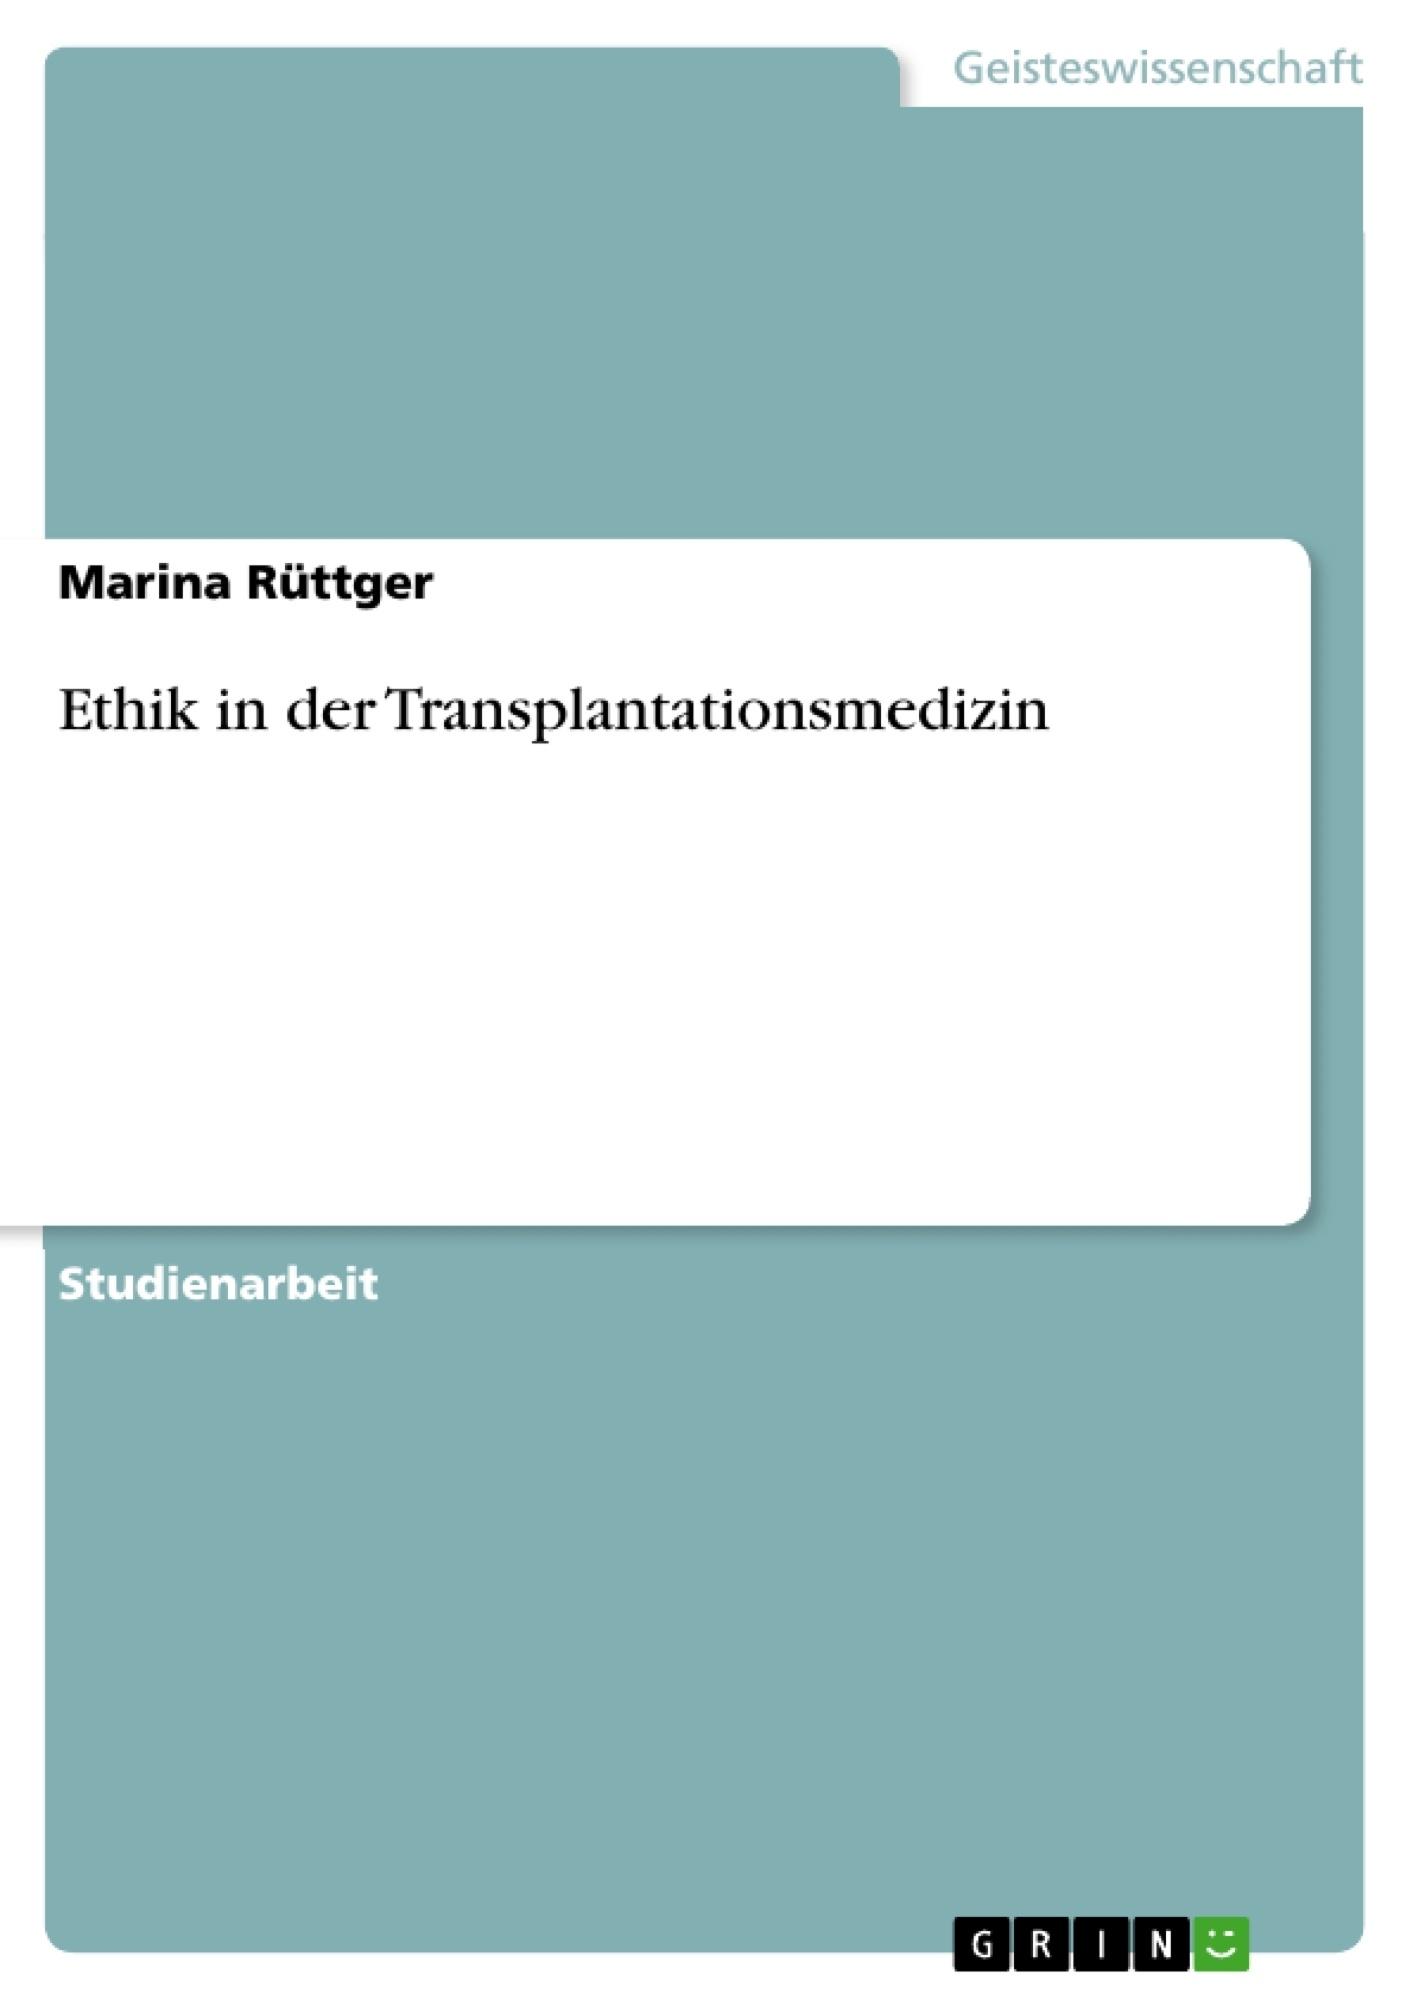 Titel: Ethik in der Transplantationsmedizin